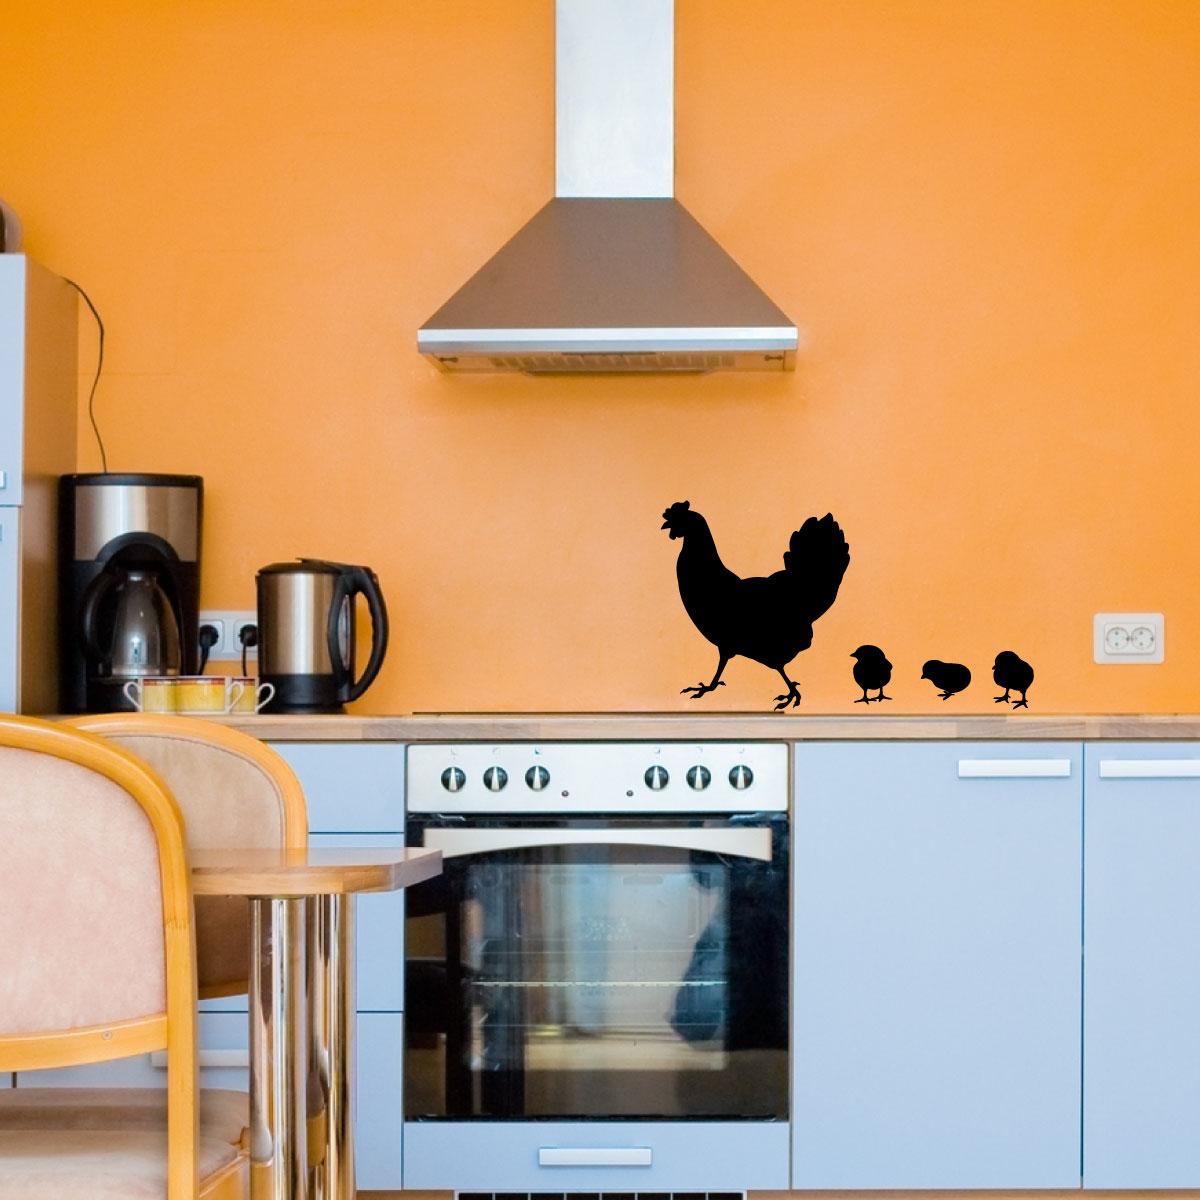 decoration poule pour cuisine poule blanche crete rouge tte ailes et queue marron le clos. Black Bedroom Furniture Sets. Home Design Ideas